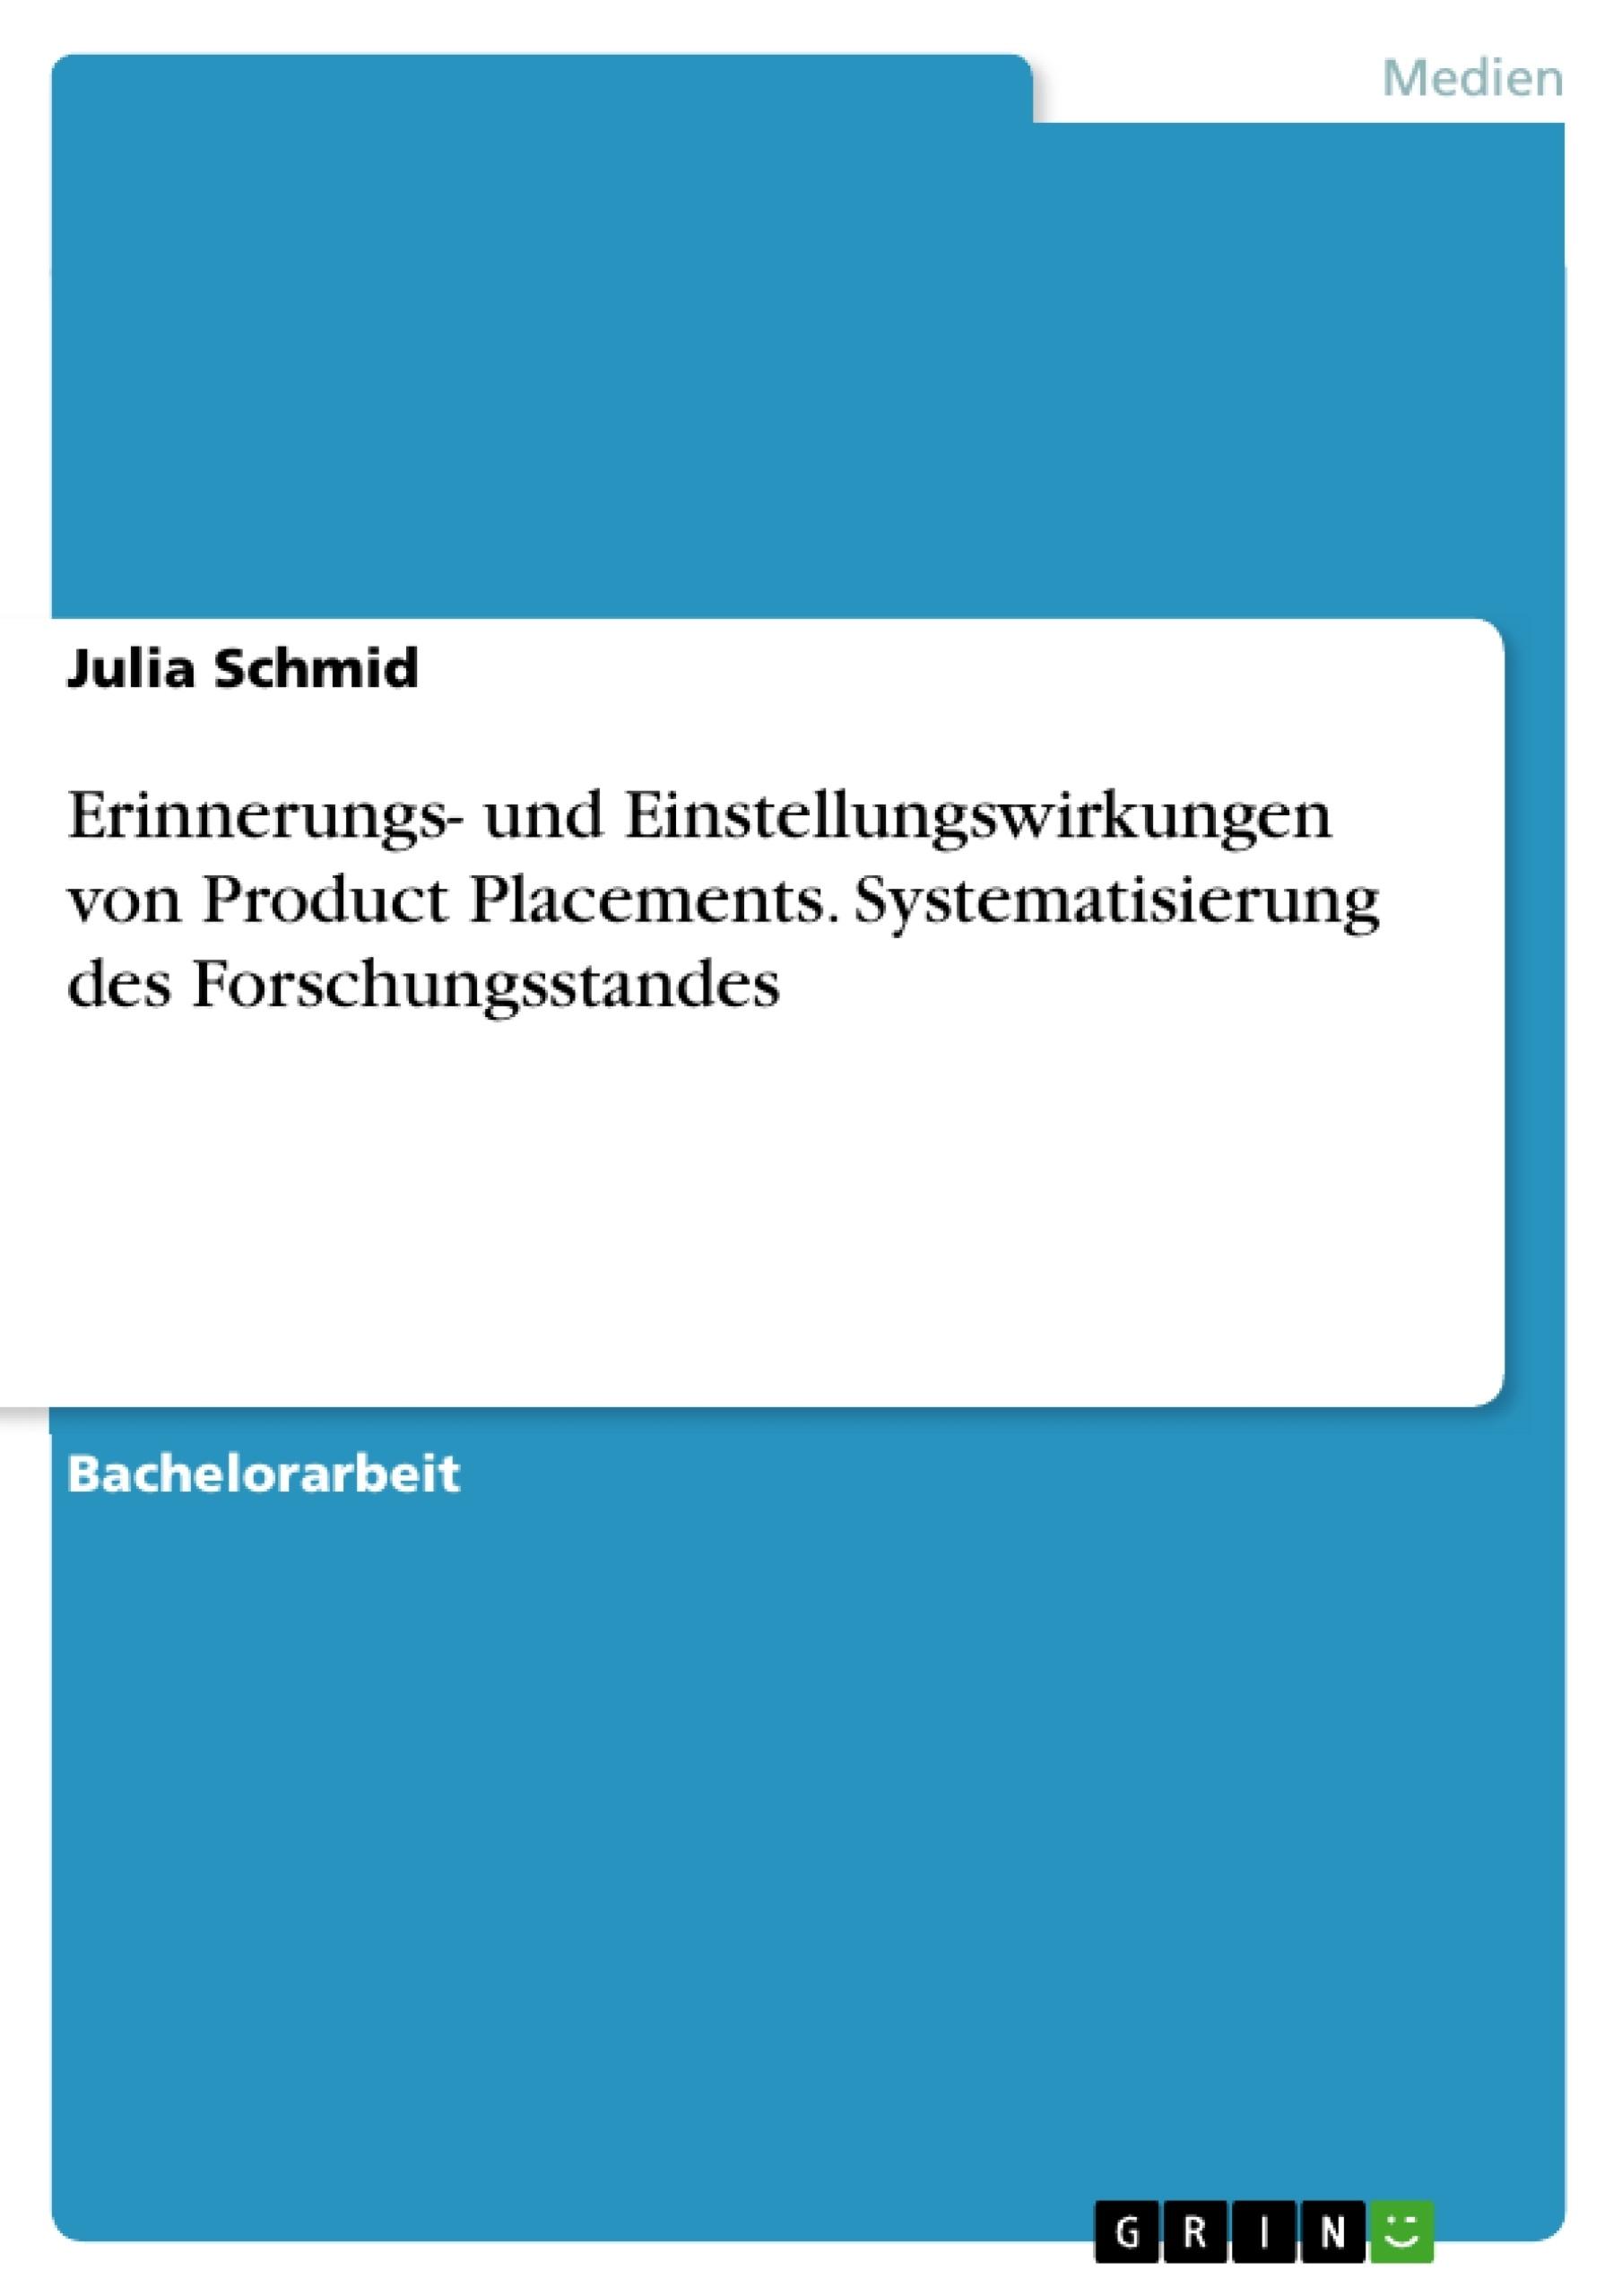 Titel: Erinnerungs- und Einstellungswirkungen von Product Placements. Systematisierung des Forschungsstandes